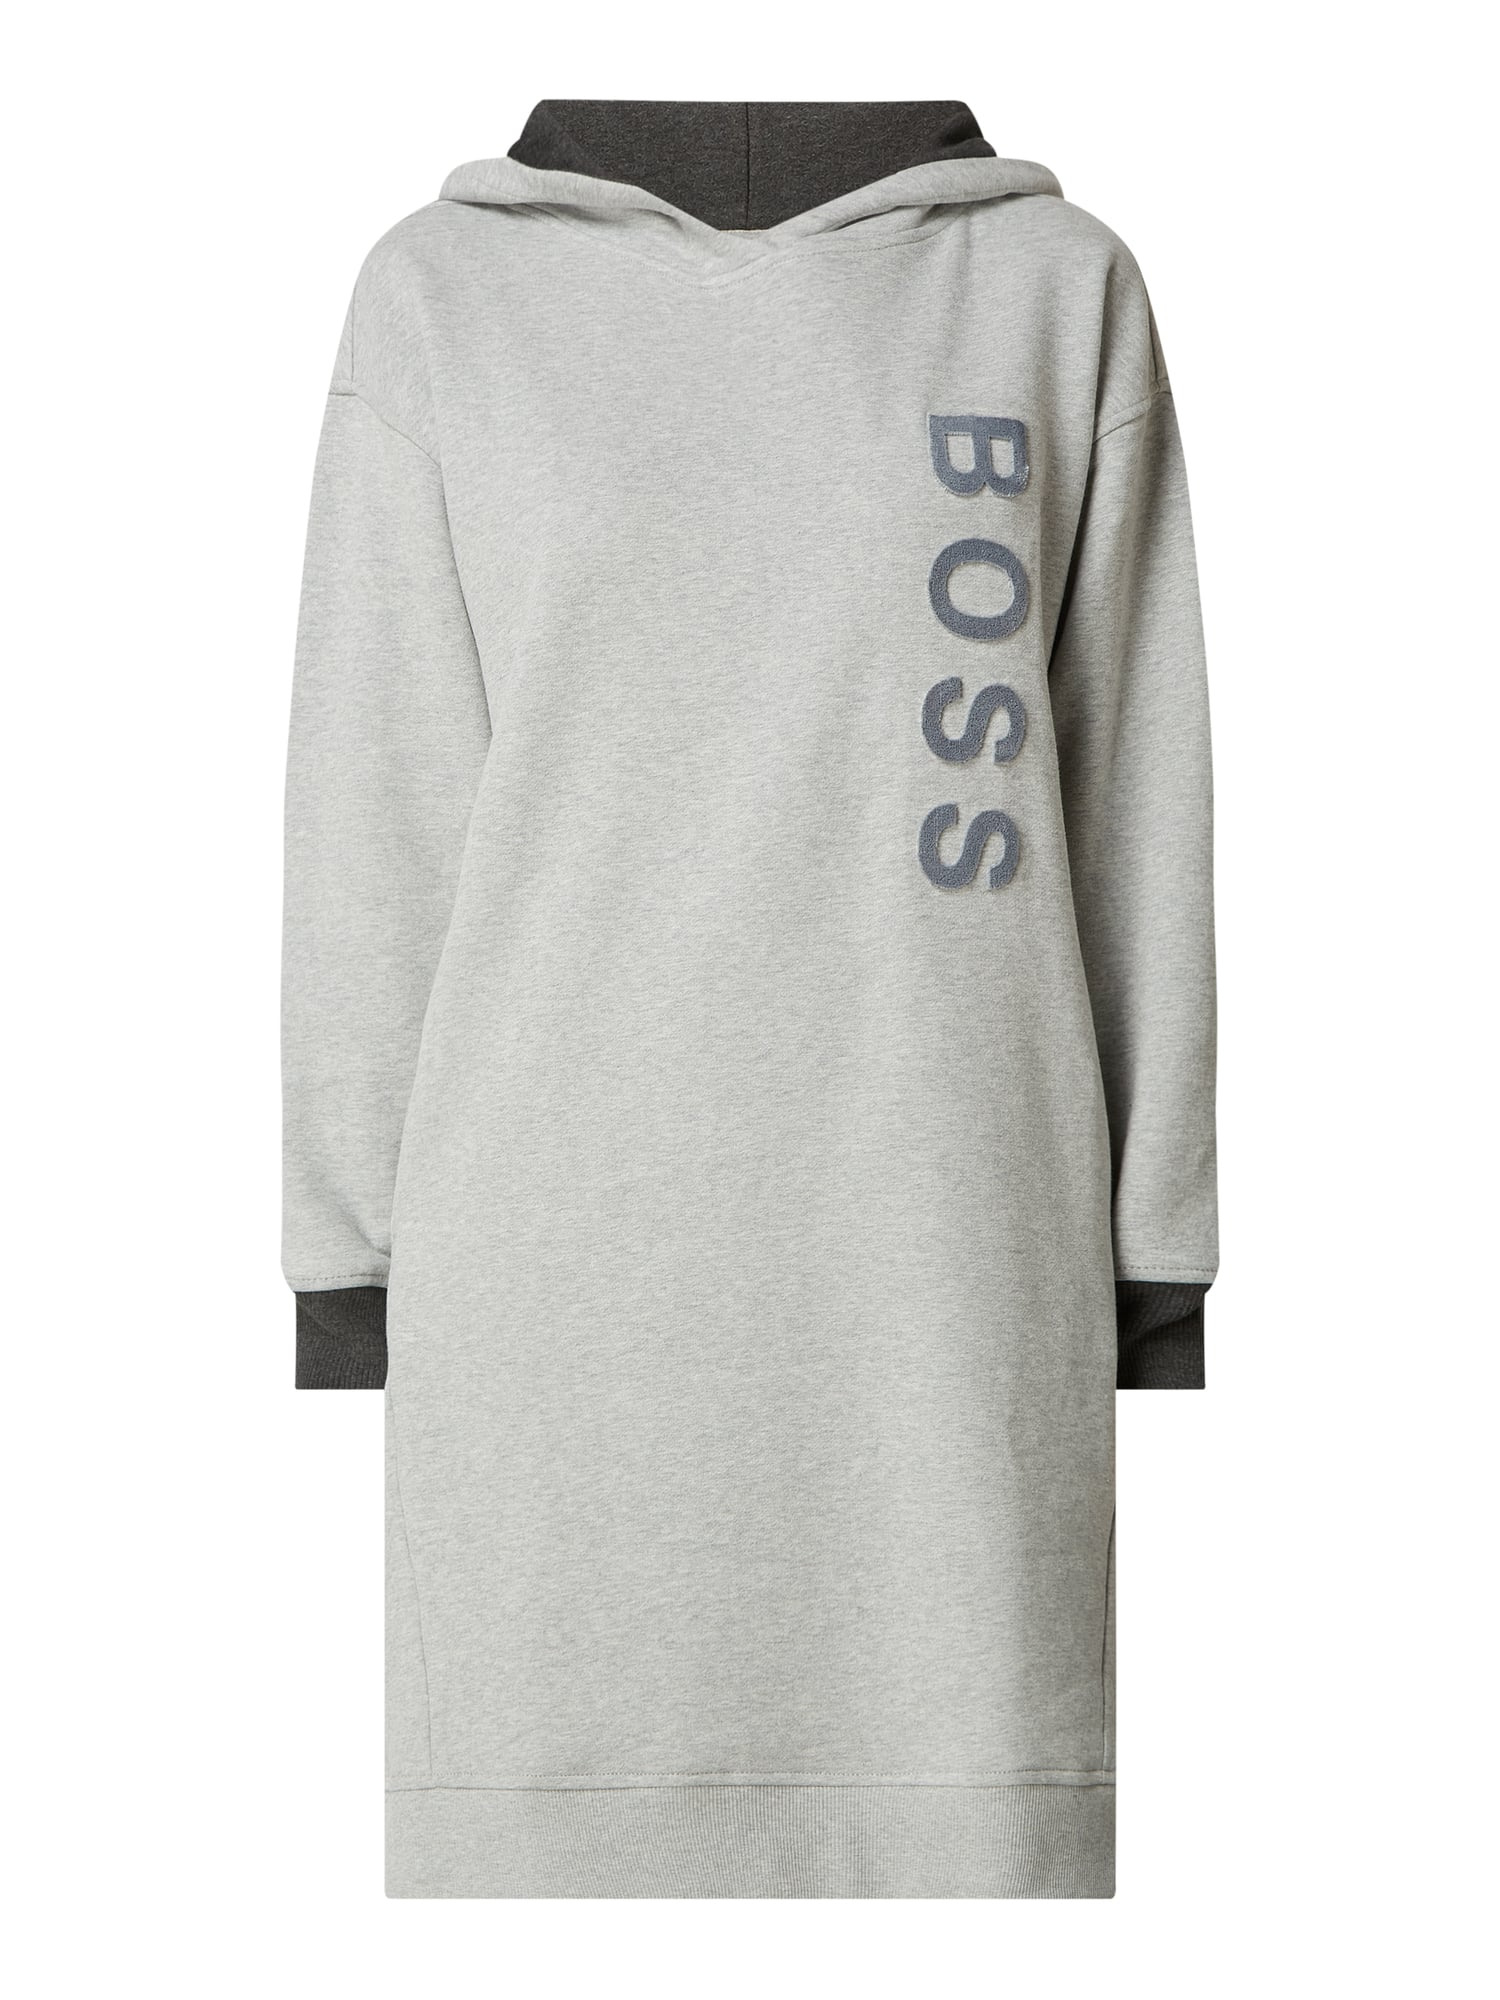 Boss Casualwear Sweatkleid Aus Baumwolle Mit Logo